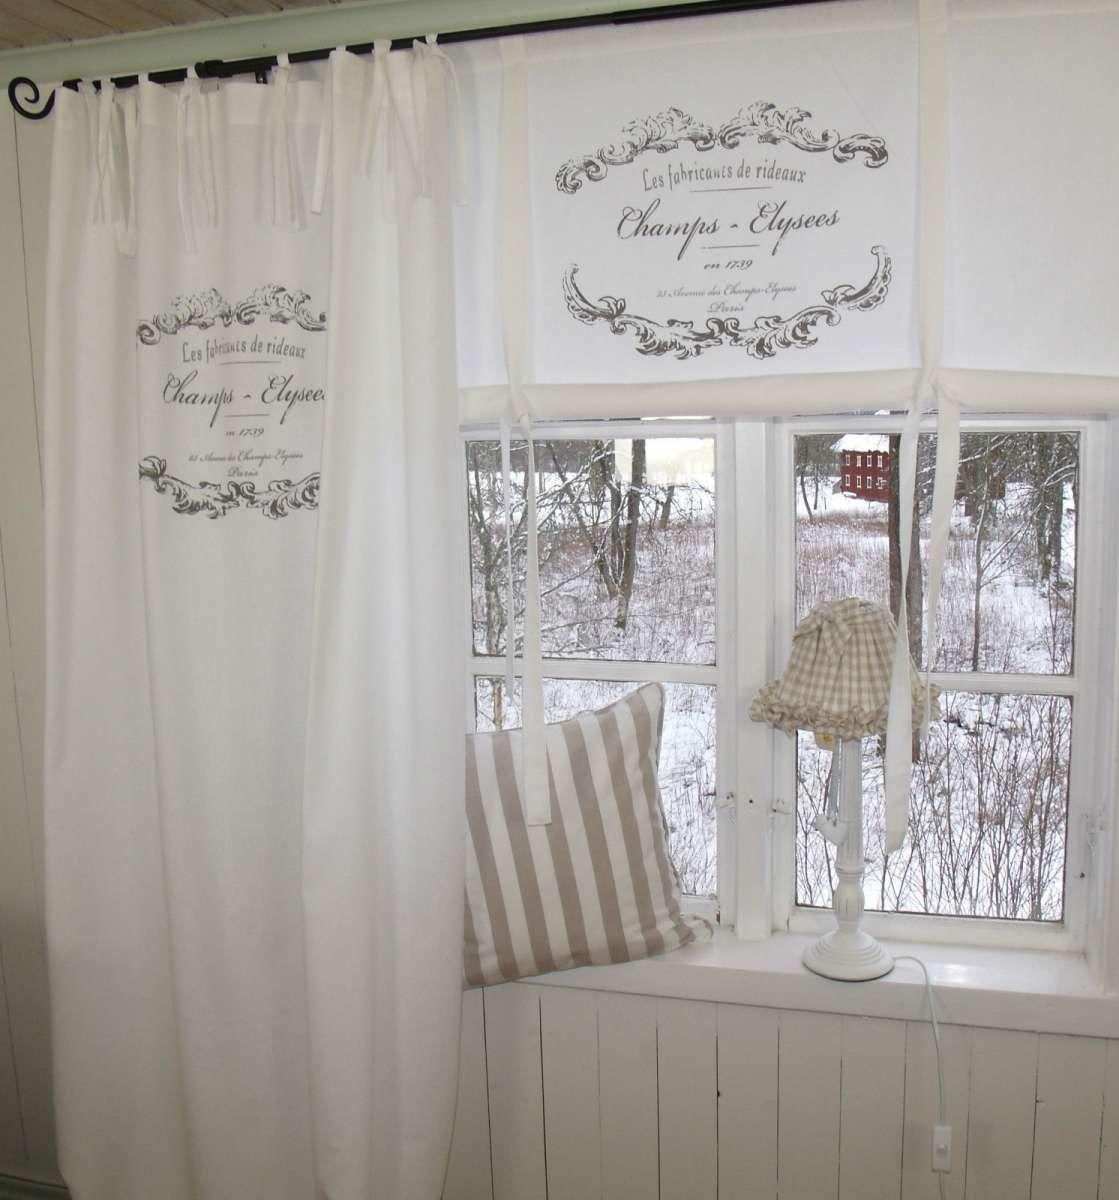 Vorhang Elegance Weiss Osen Gardine 120x240 Cm 2 Stuck Baumwolle Landhaus Vintage Vorhange Gardinen Gardinen Ideen